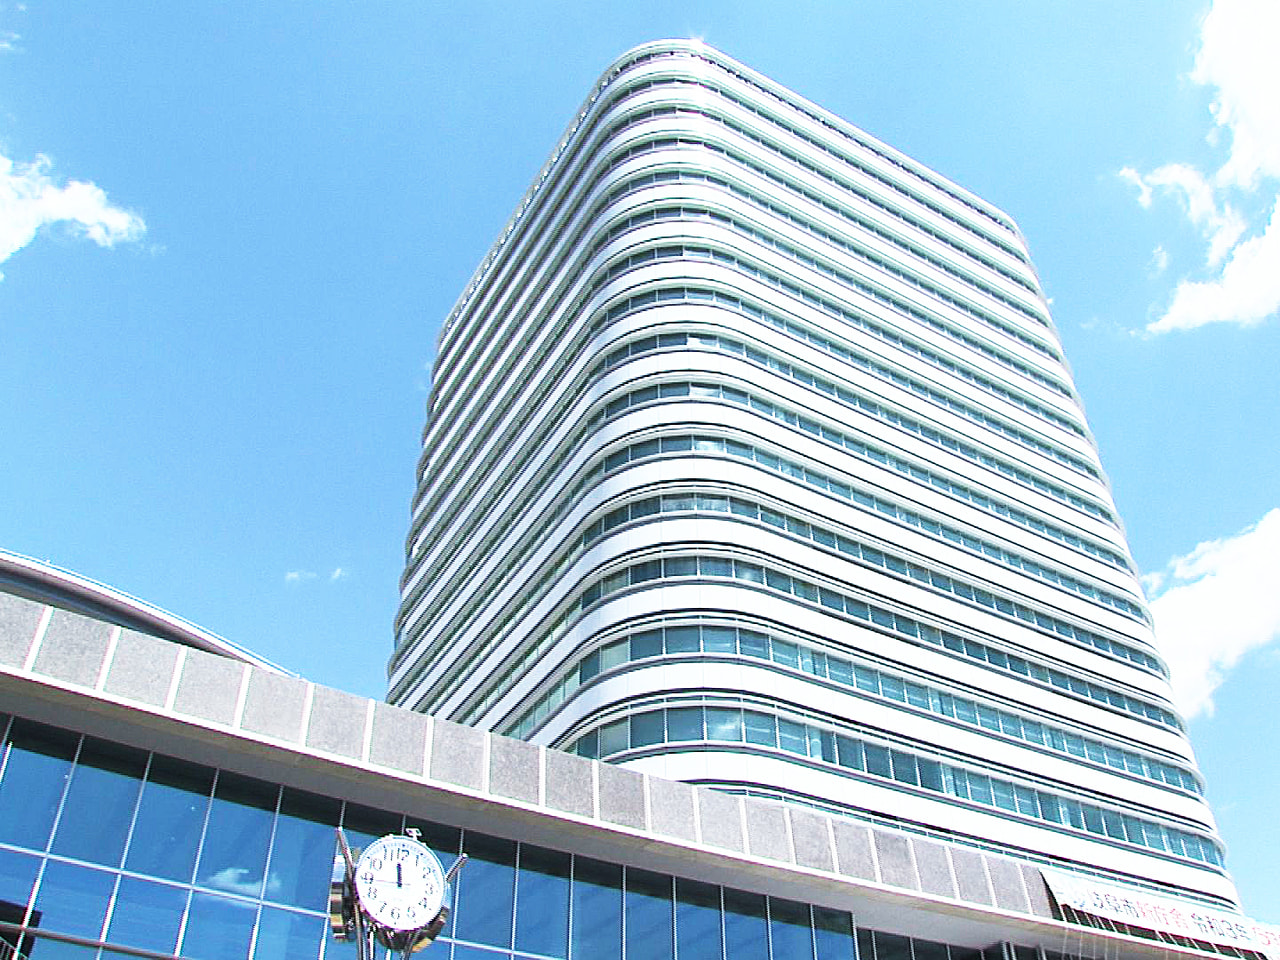 老朽化に伴って建設された岐阜市役所の新しい庁舎が完成し9日、記念式典が行われまし...